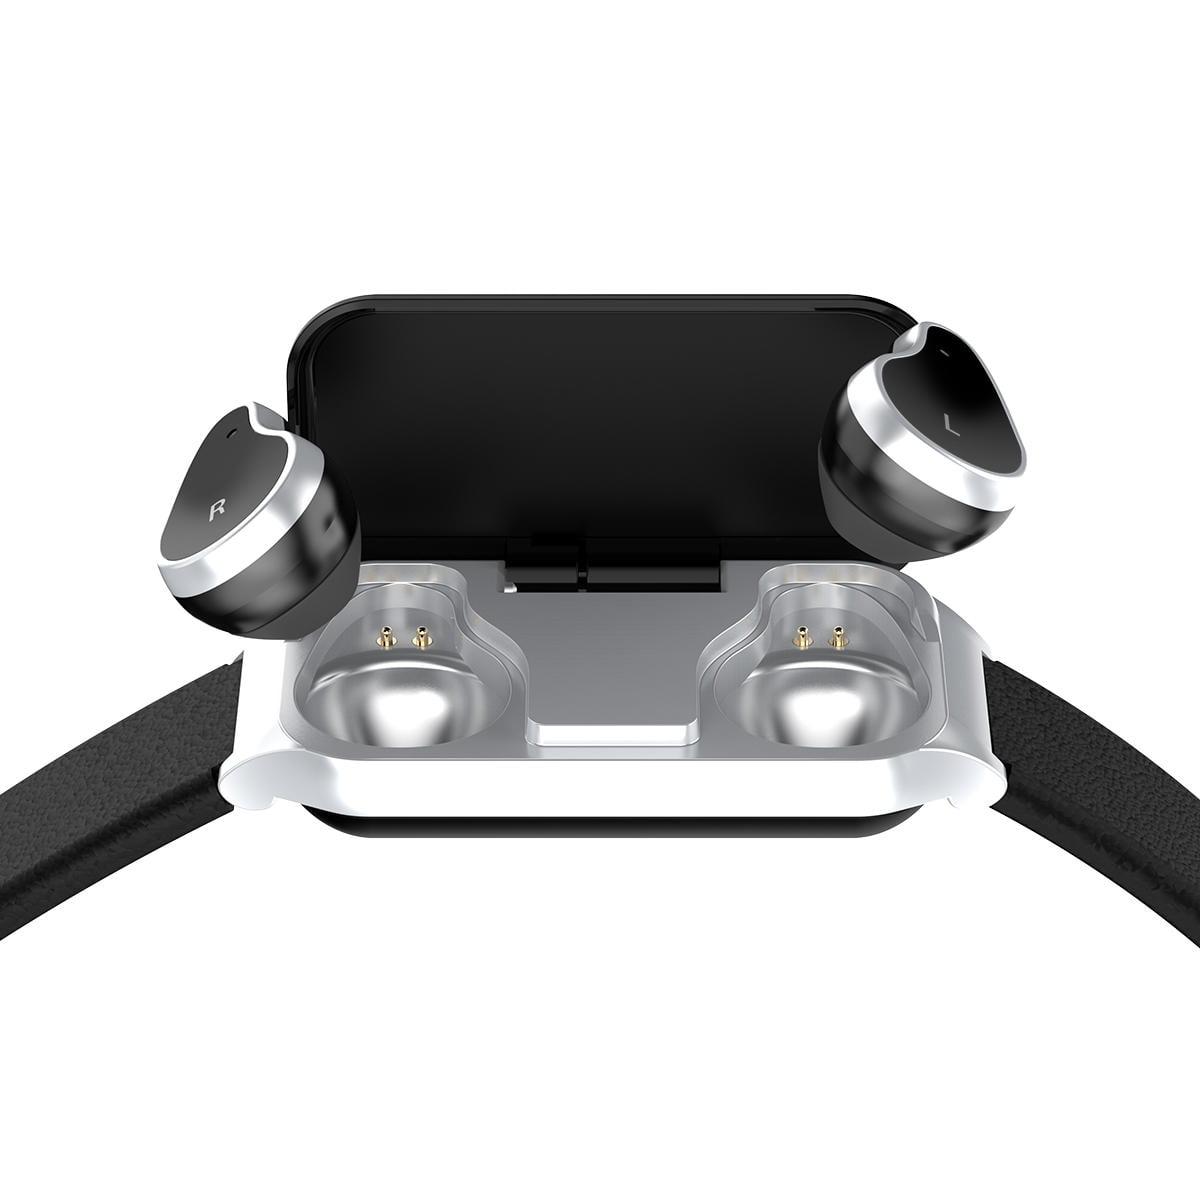 L818 smart watch bt5.0 intelligent noise reduction wireless earphone wristband (19)